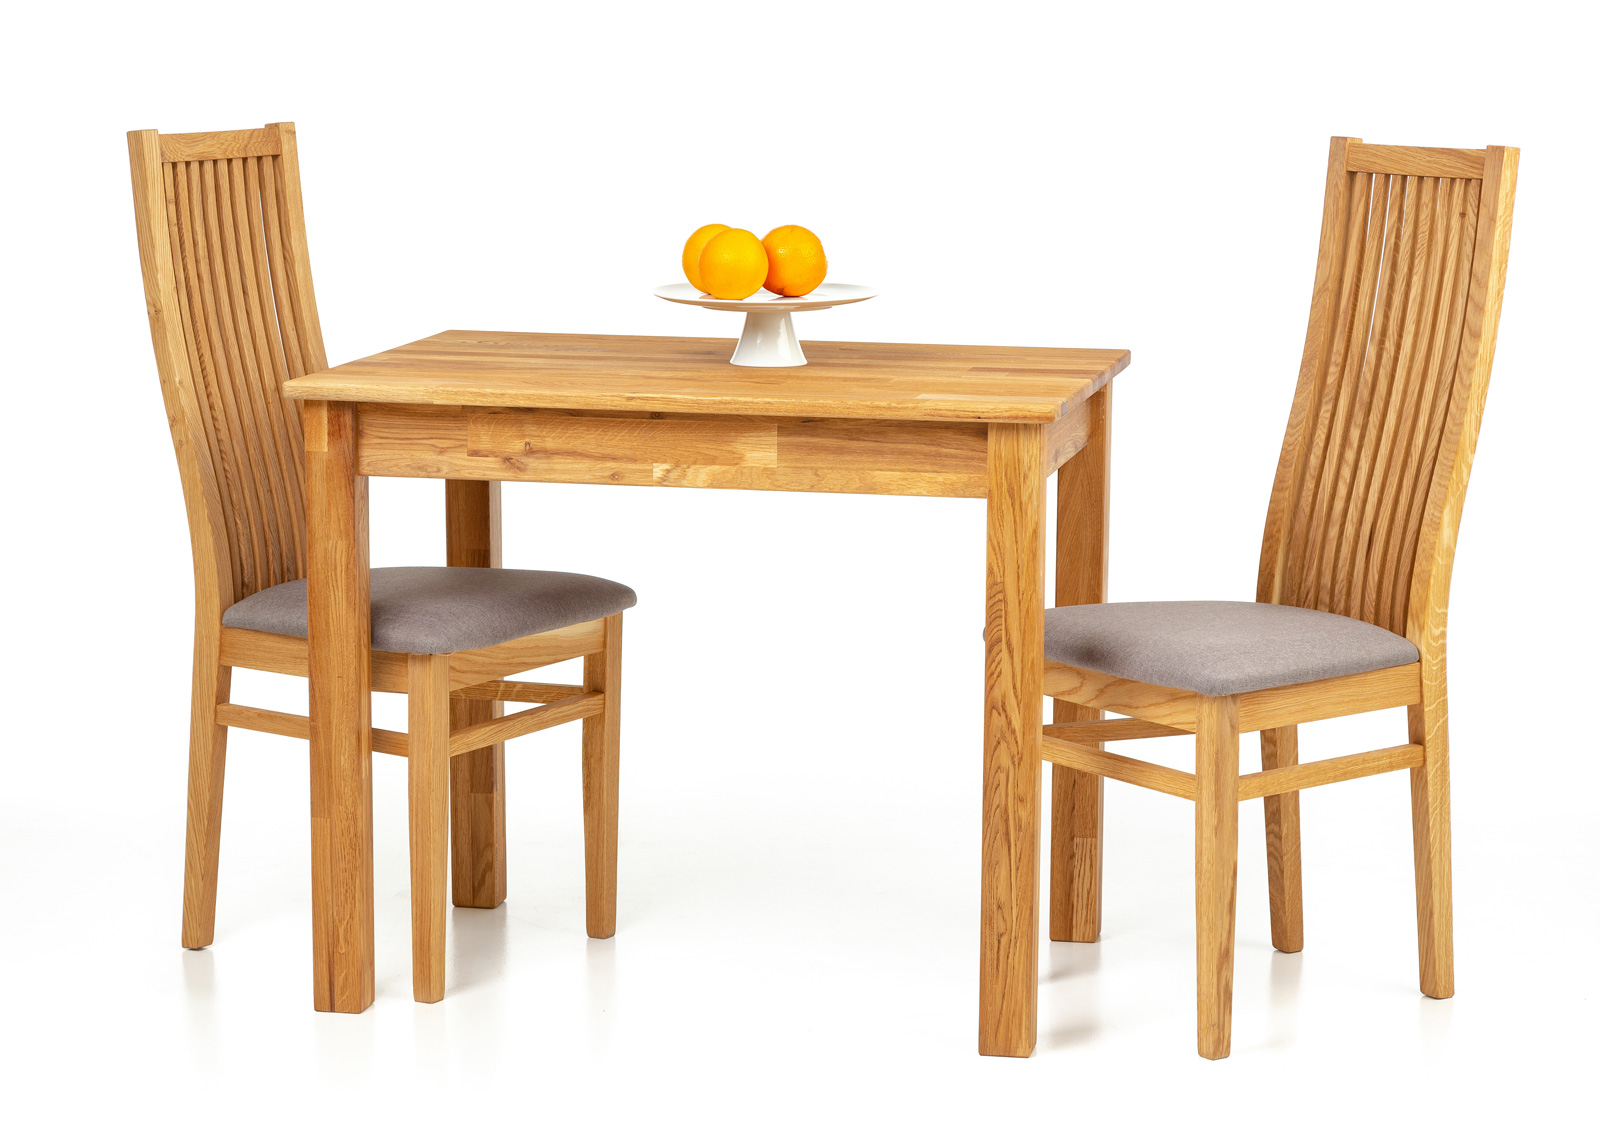 Tammi ruokapöytä Len21 90x65 cm + 2 tuolia Sandra harmaa